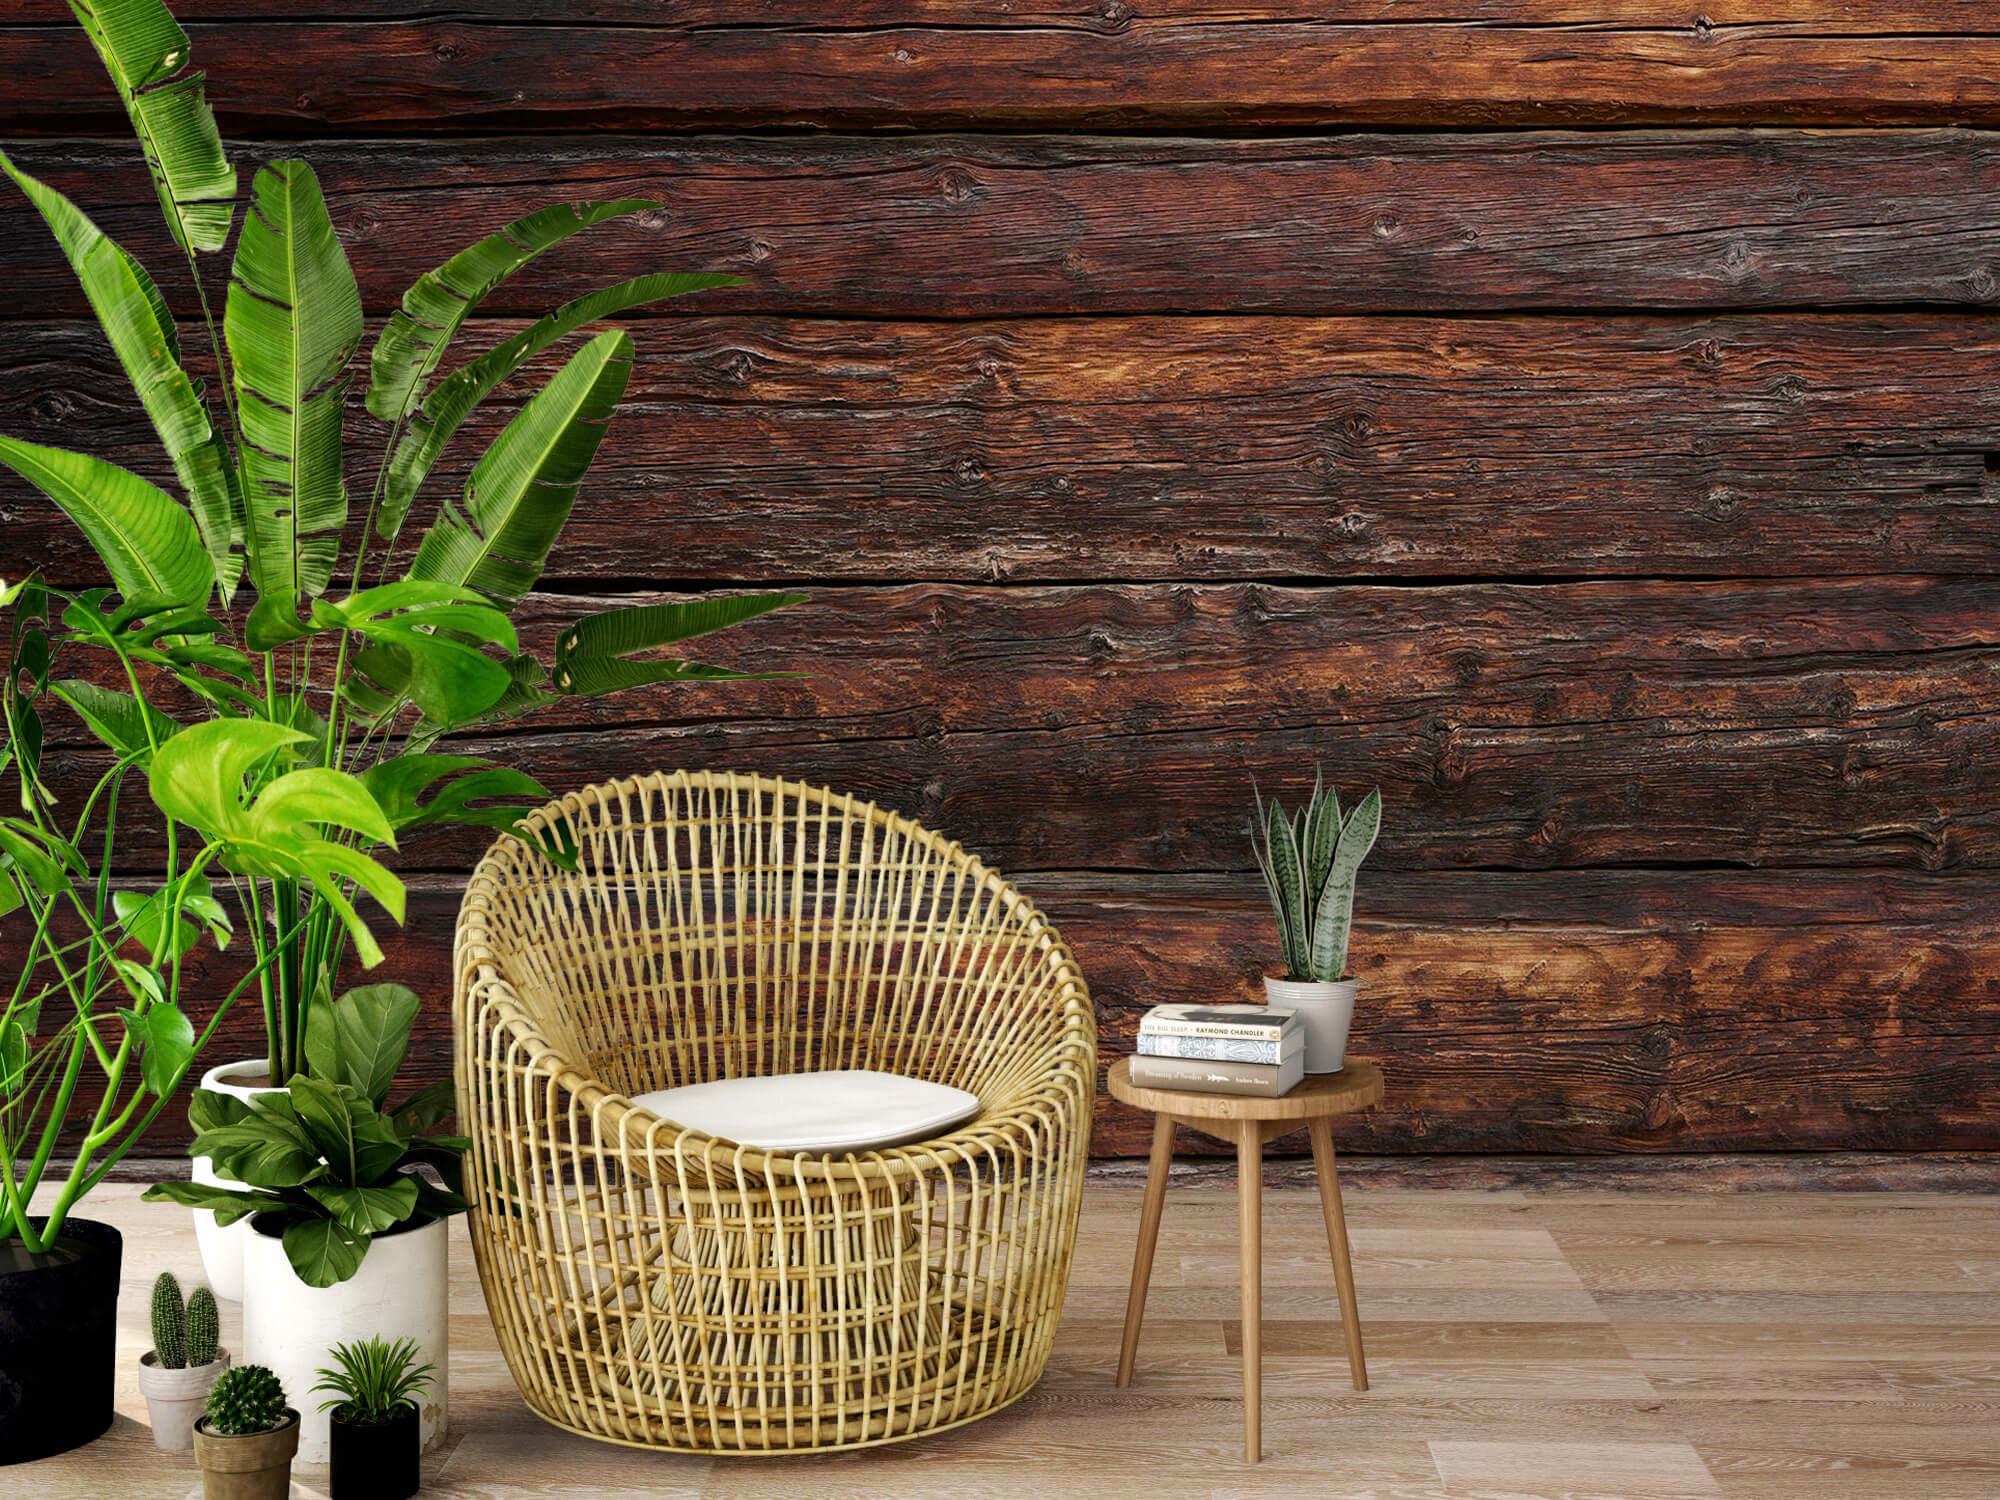 Wooden wallpaper - Coarse wood - Bedroom 10